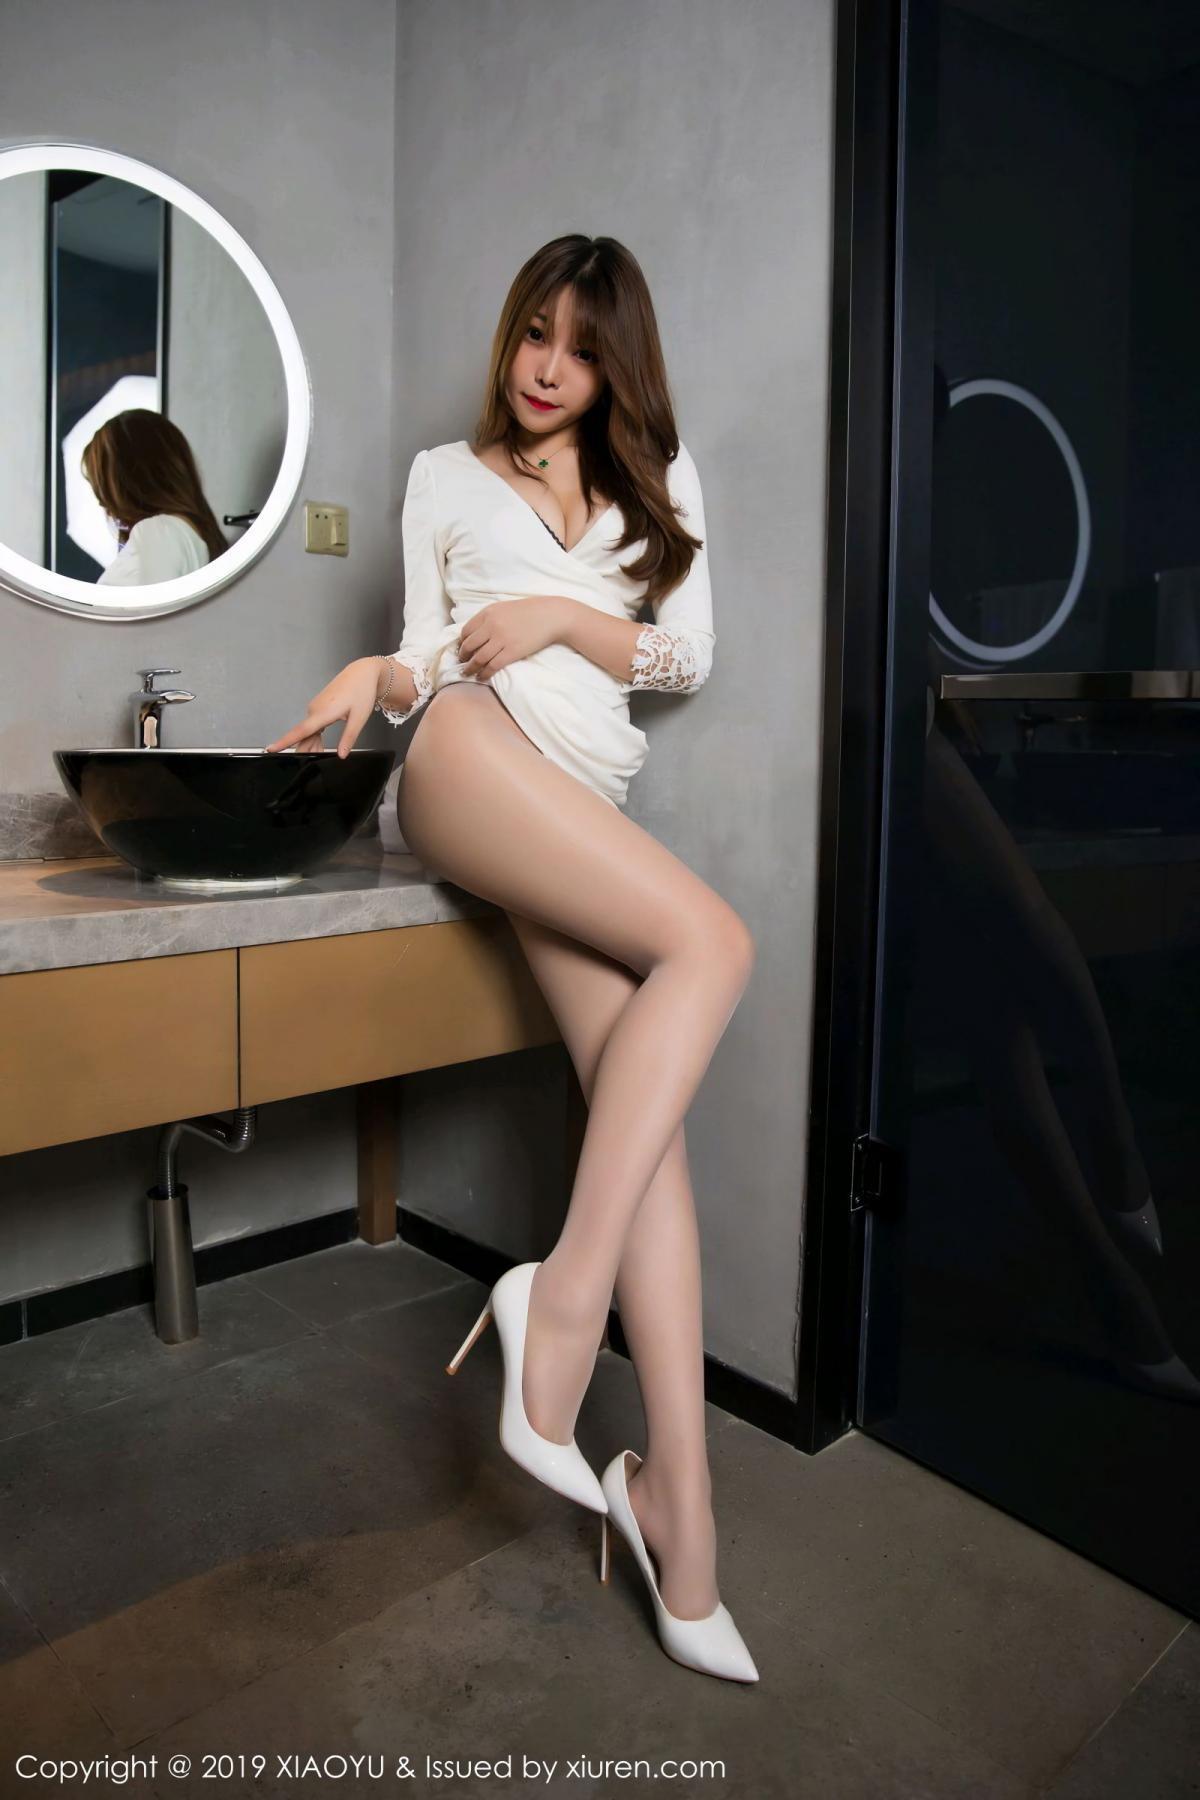 [XiaoYu] Vol.110 Chen Zhi 20P, Chen Zhi, Tall, XiaoYu